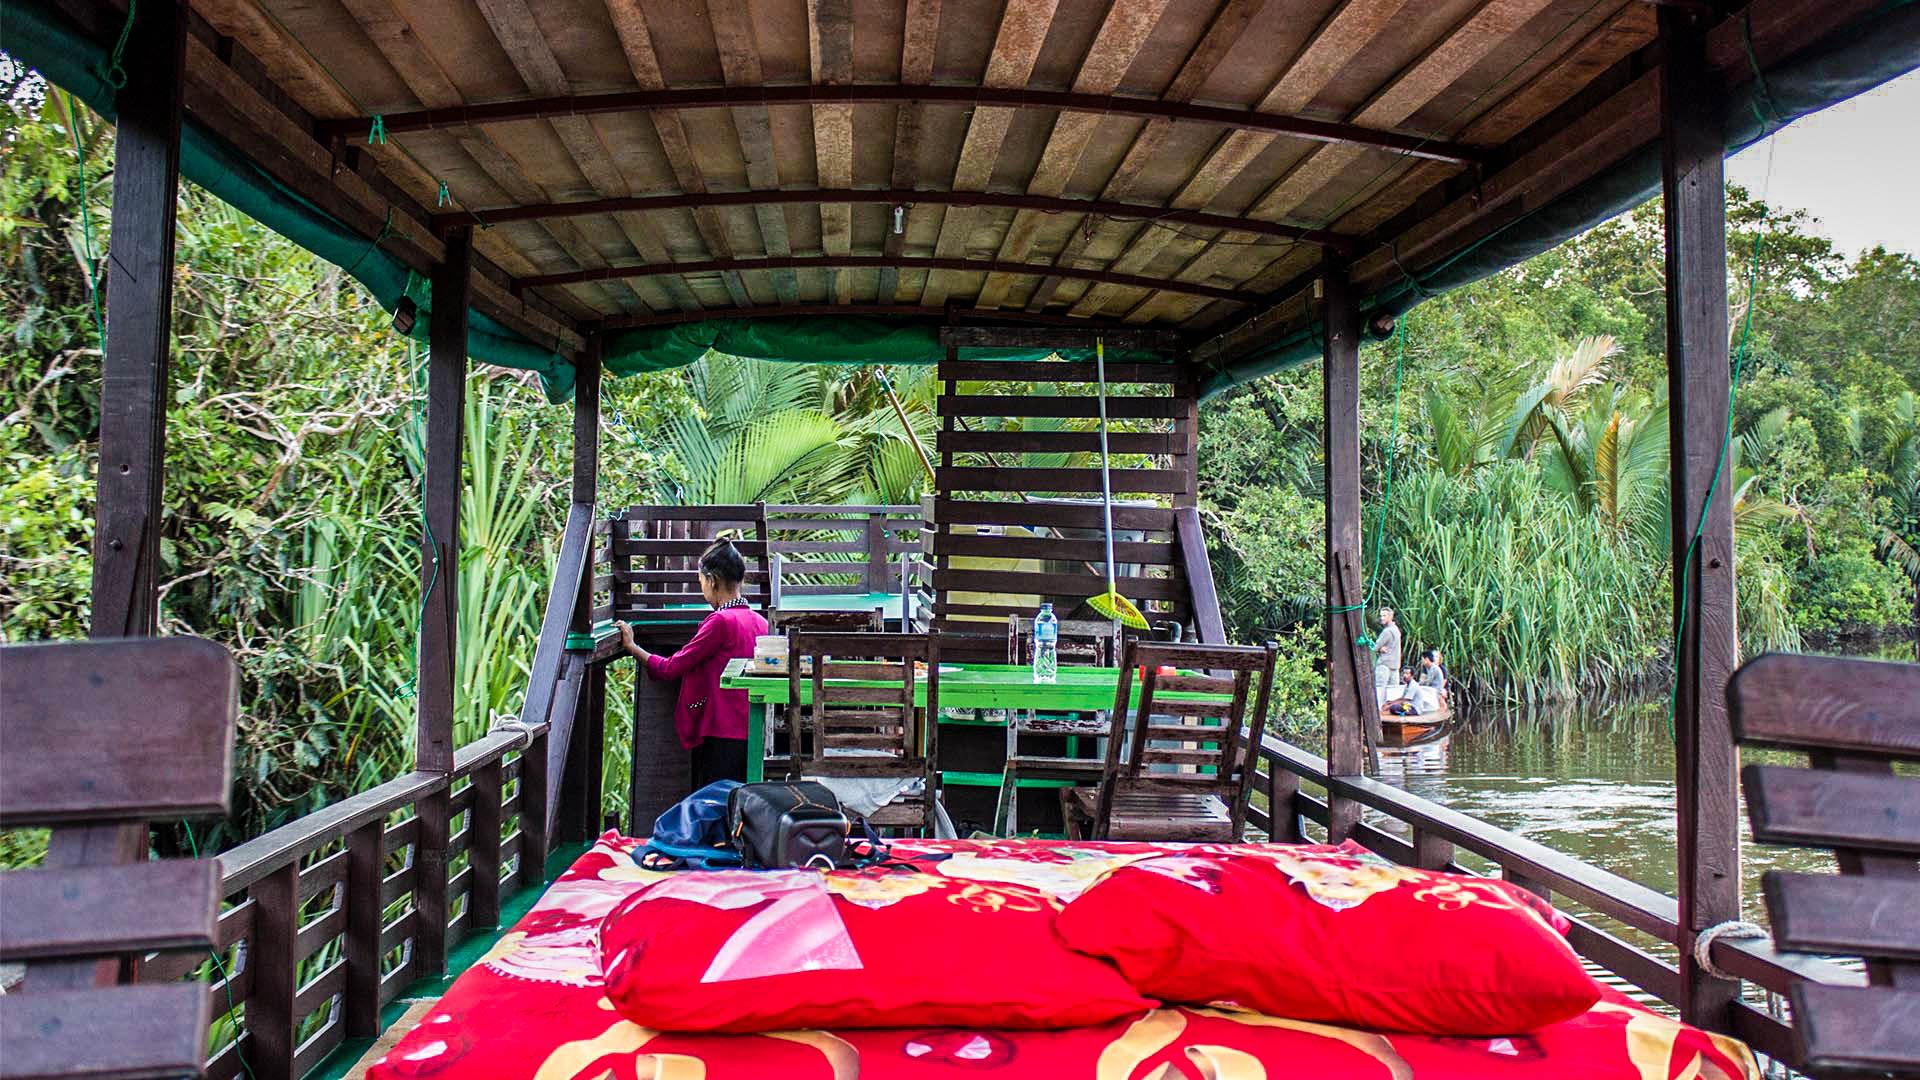 Nuestro klotok en la selva de Borneo